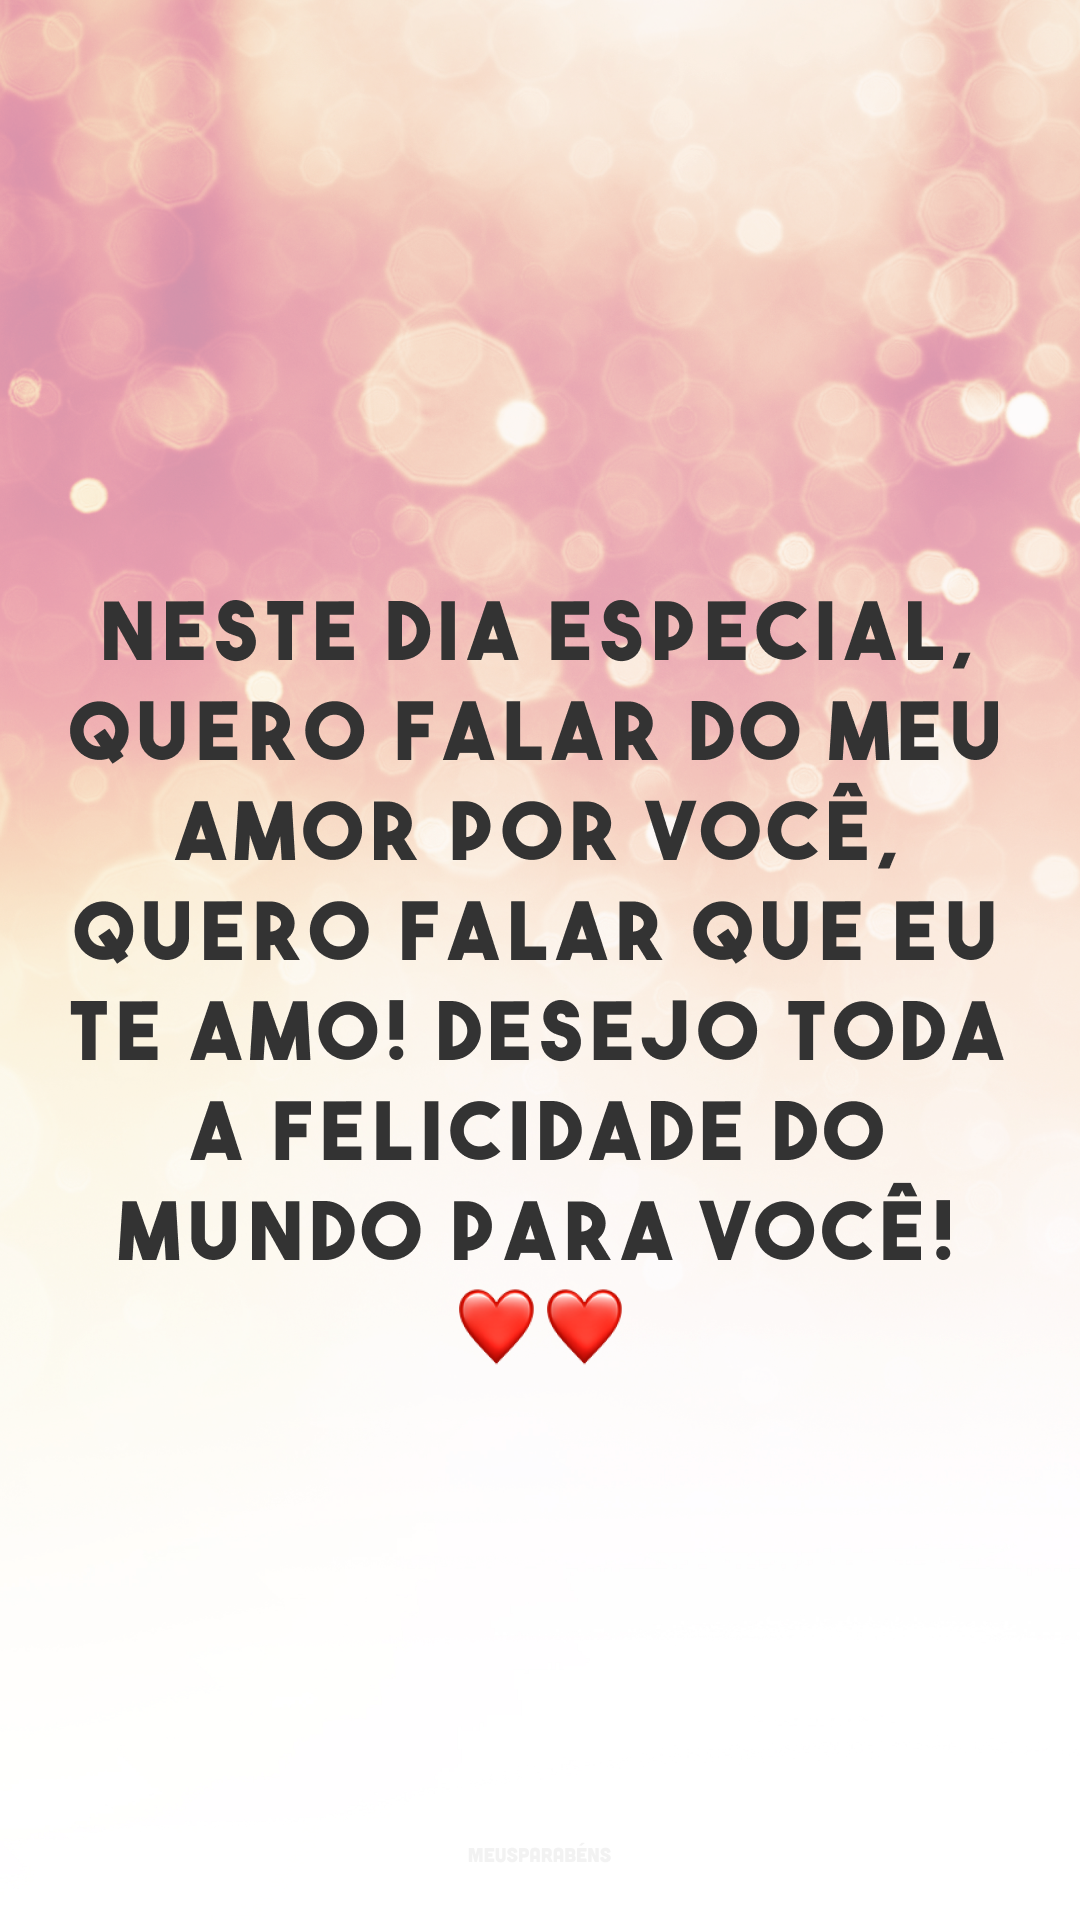 Neste dia especial, quero falar do meu amor por você, quero falar que eu te amo! Desejo toda a felicidade do mundo para você! ❤❤